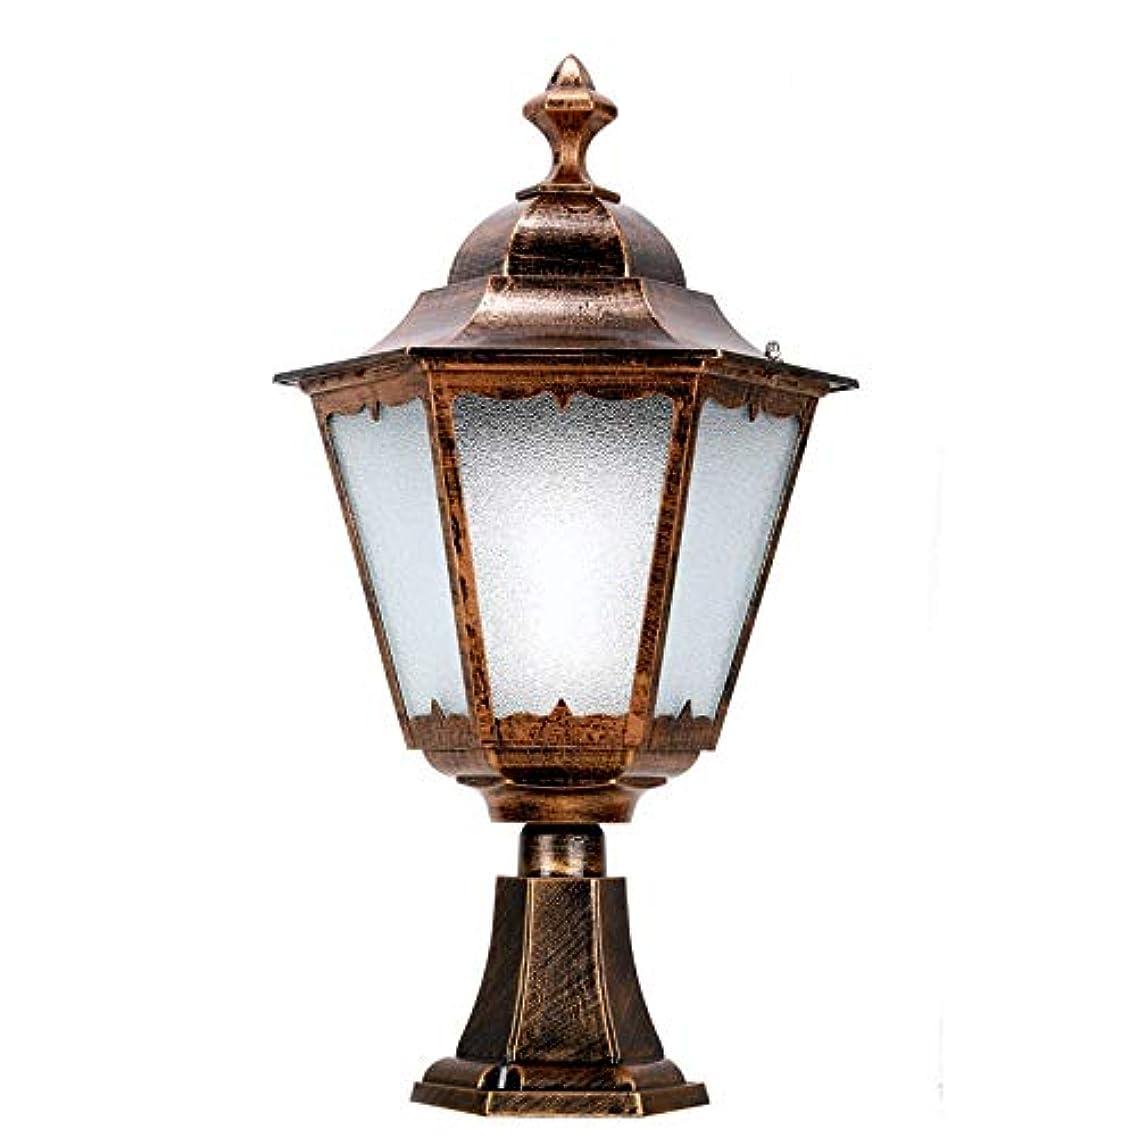 叙情的なオペラマネージャーポストランタンアルミ壁面ライトコラムヘッドライトバルコニーピラーライト中庭ドアライトヴィラガーデンライト (Color : Bronze, Size : 41*21*73cm)